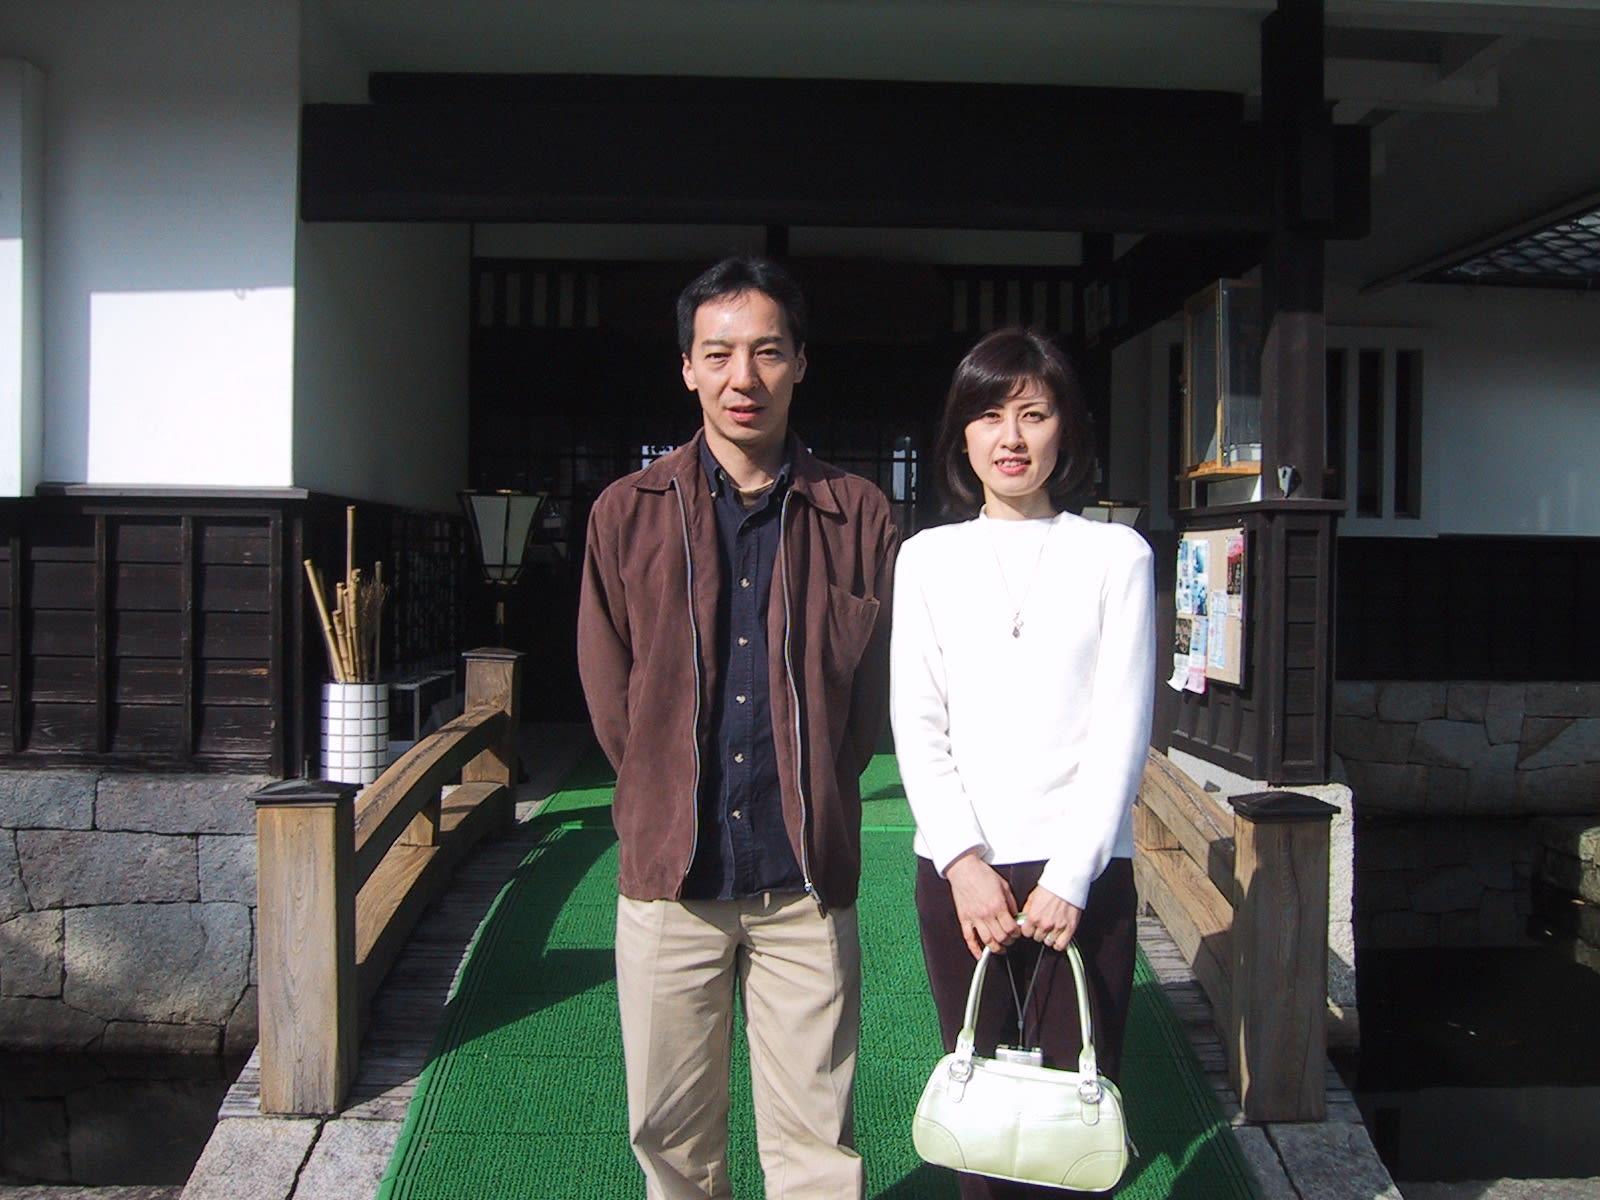 新婚さん!!いらっしゃい - 岩村山荘 おかみさん日記